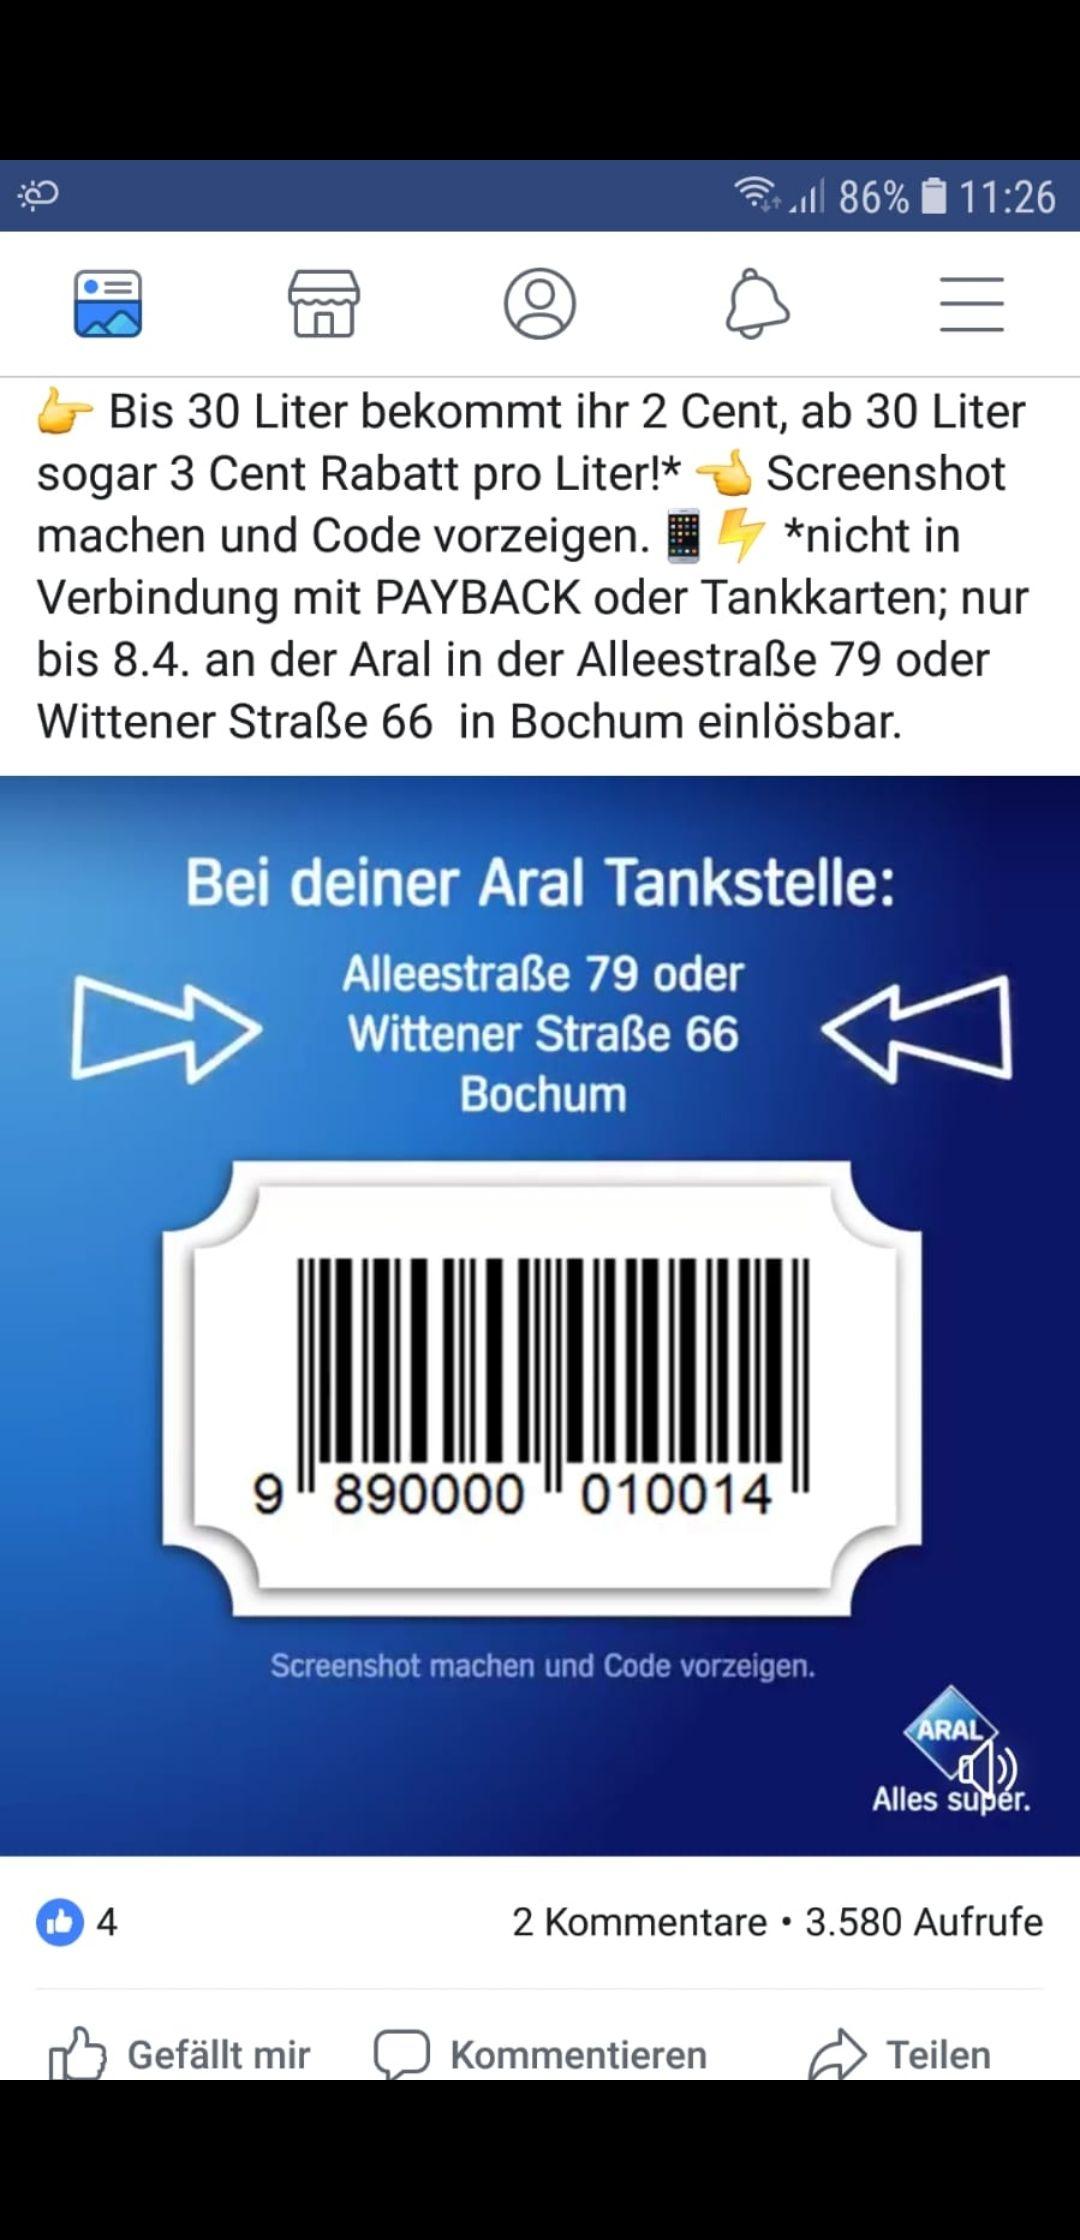 Aral Tankstelle in Bochum bis zu 3 Cent pro Liter Sparen!!! (Lokal nur in Bochum)